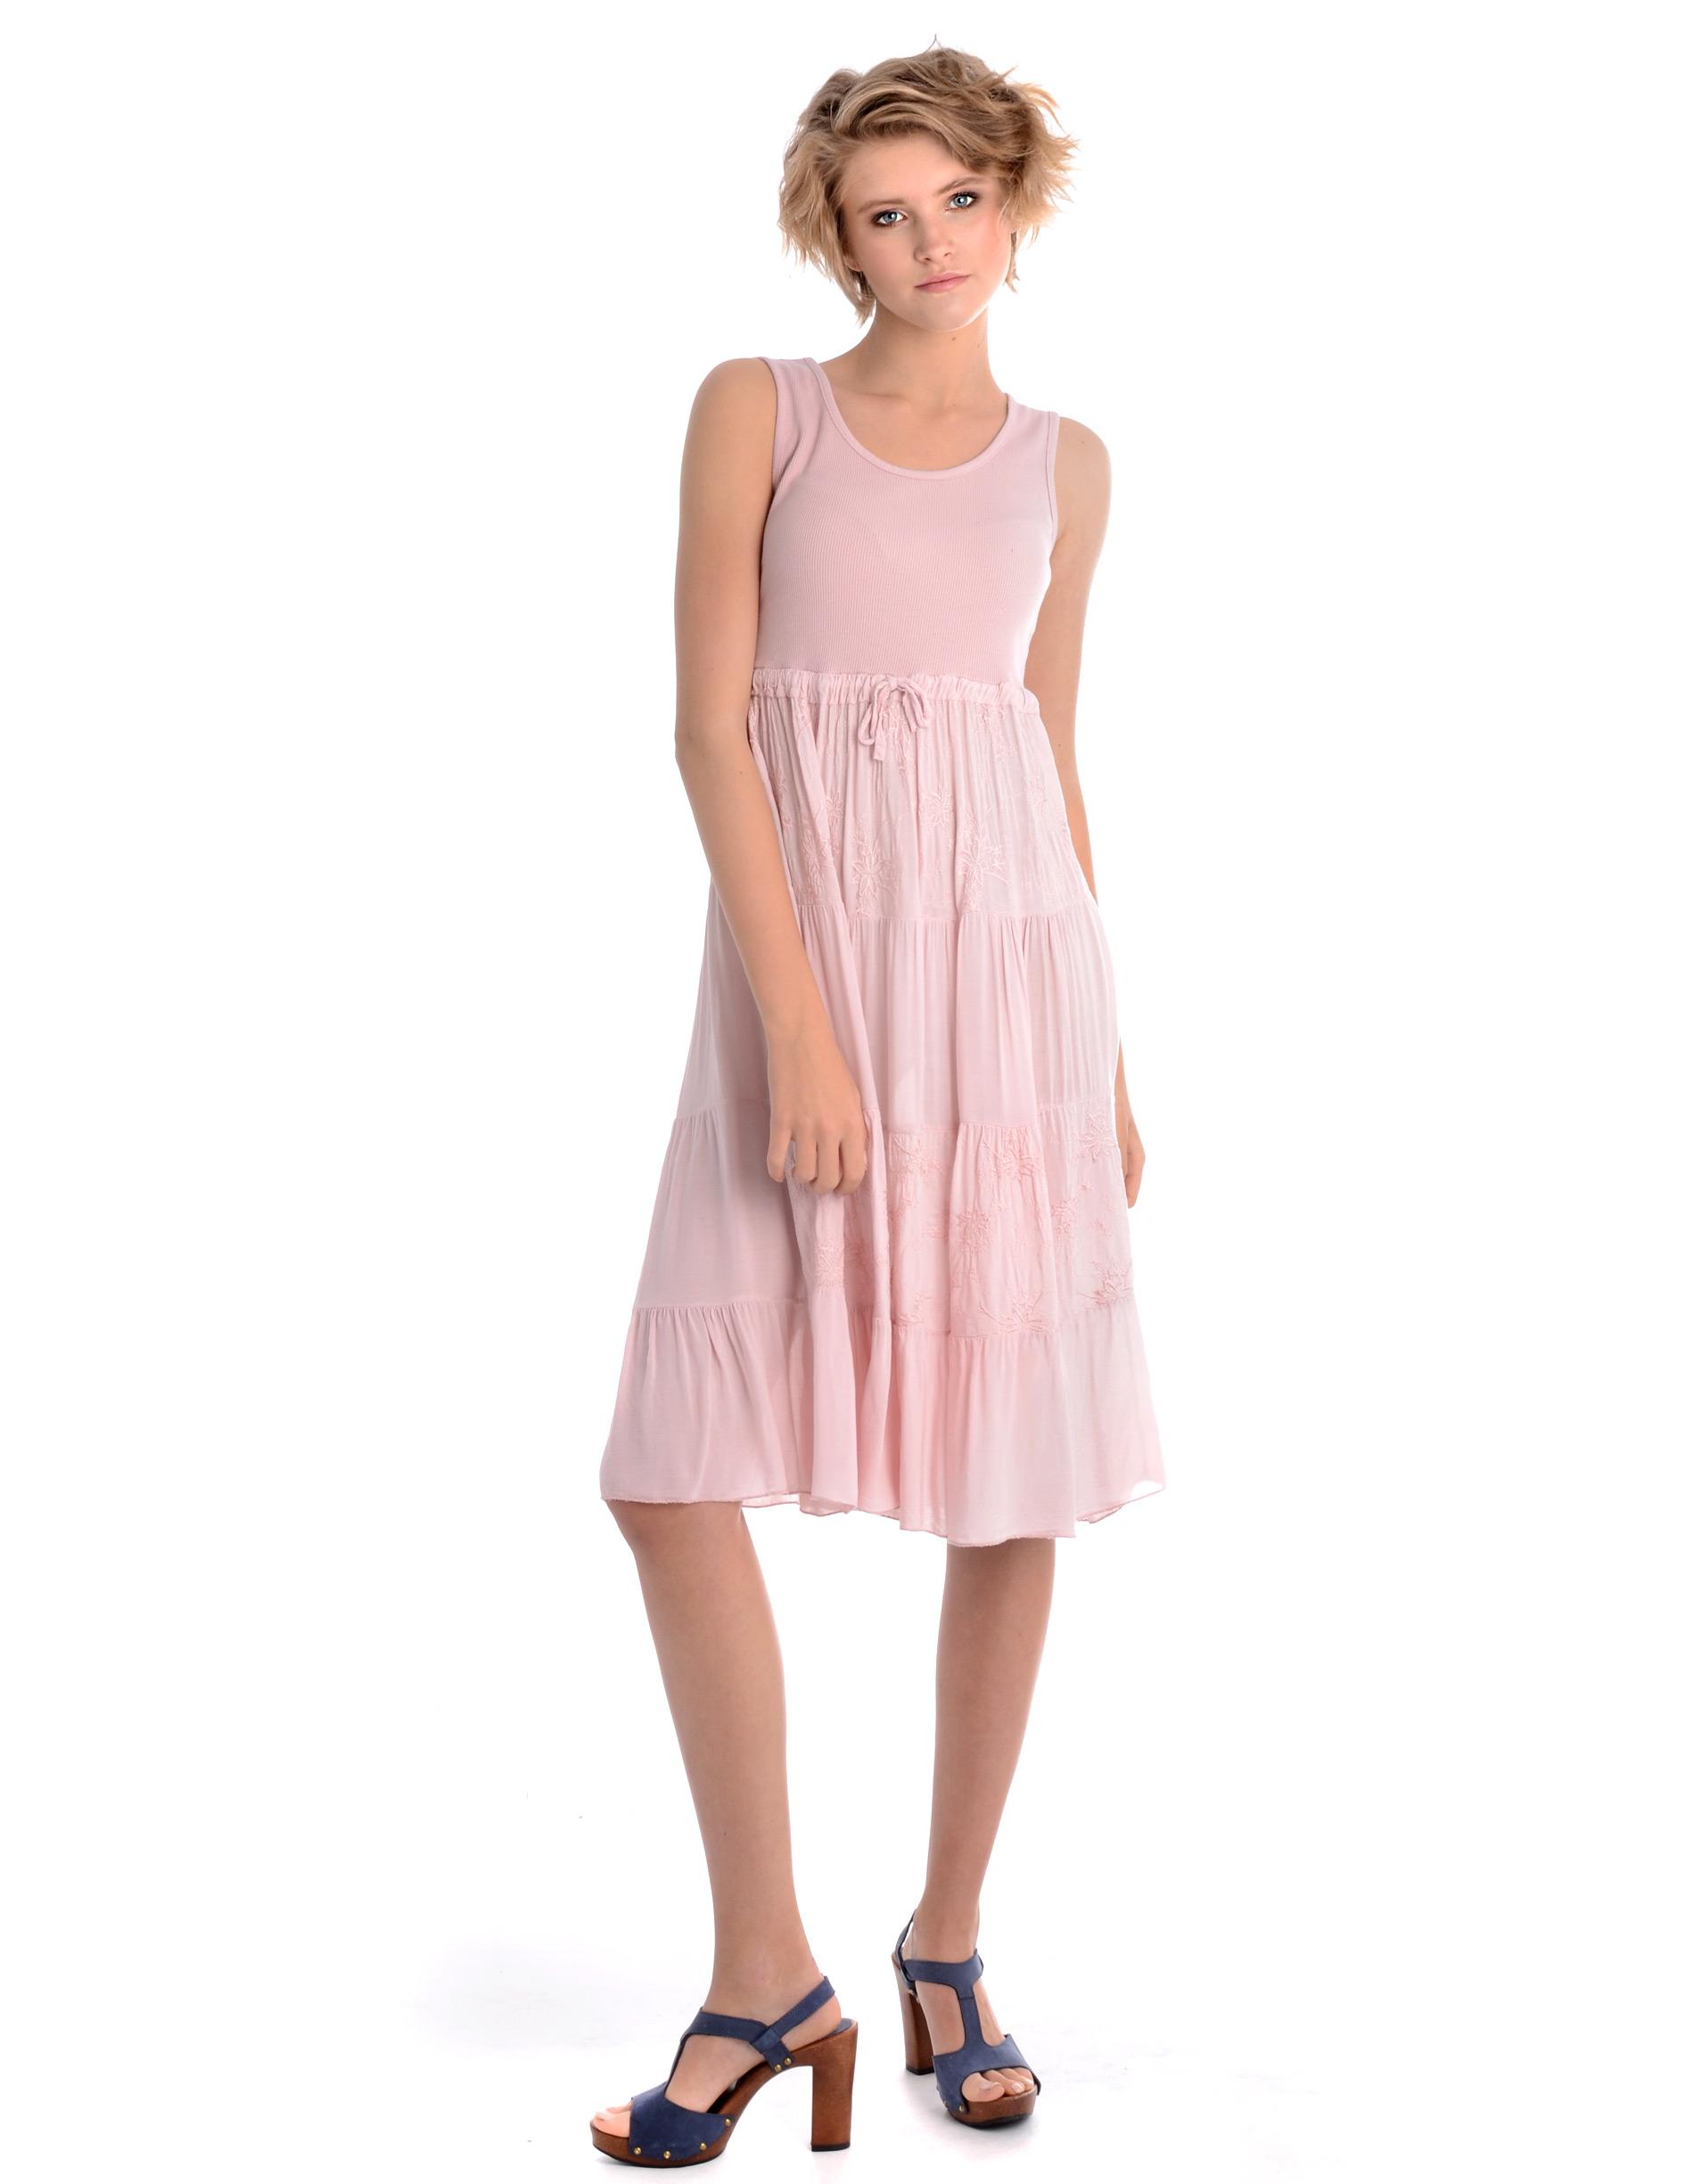 Sukienka - 36-8326 ROSA - Unisono